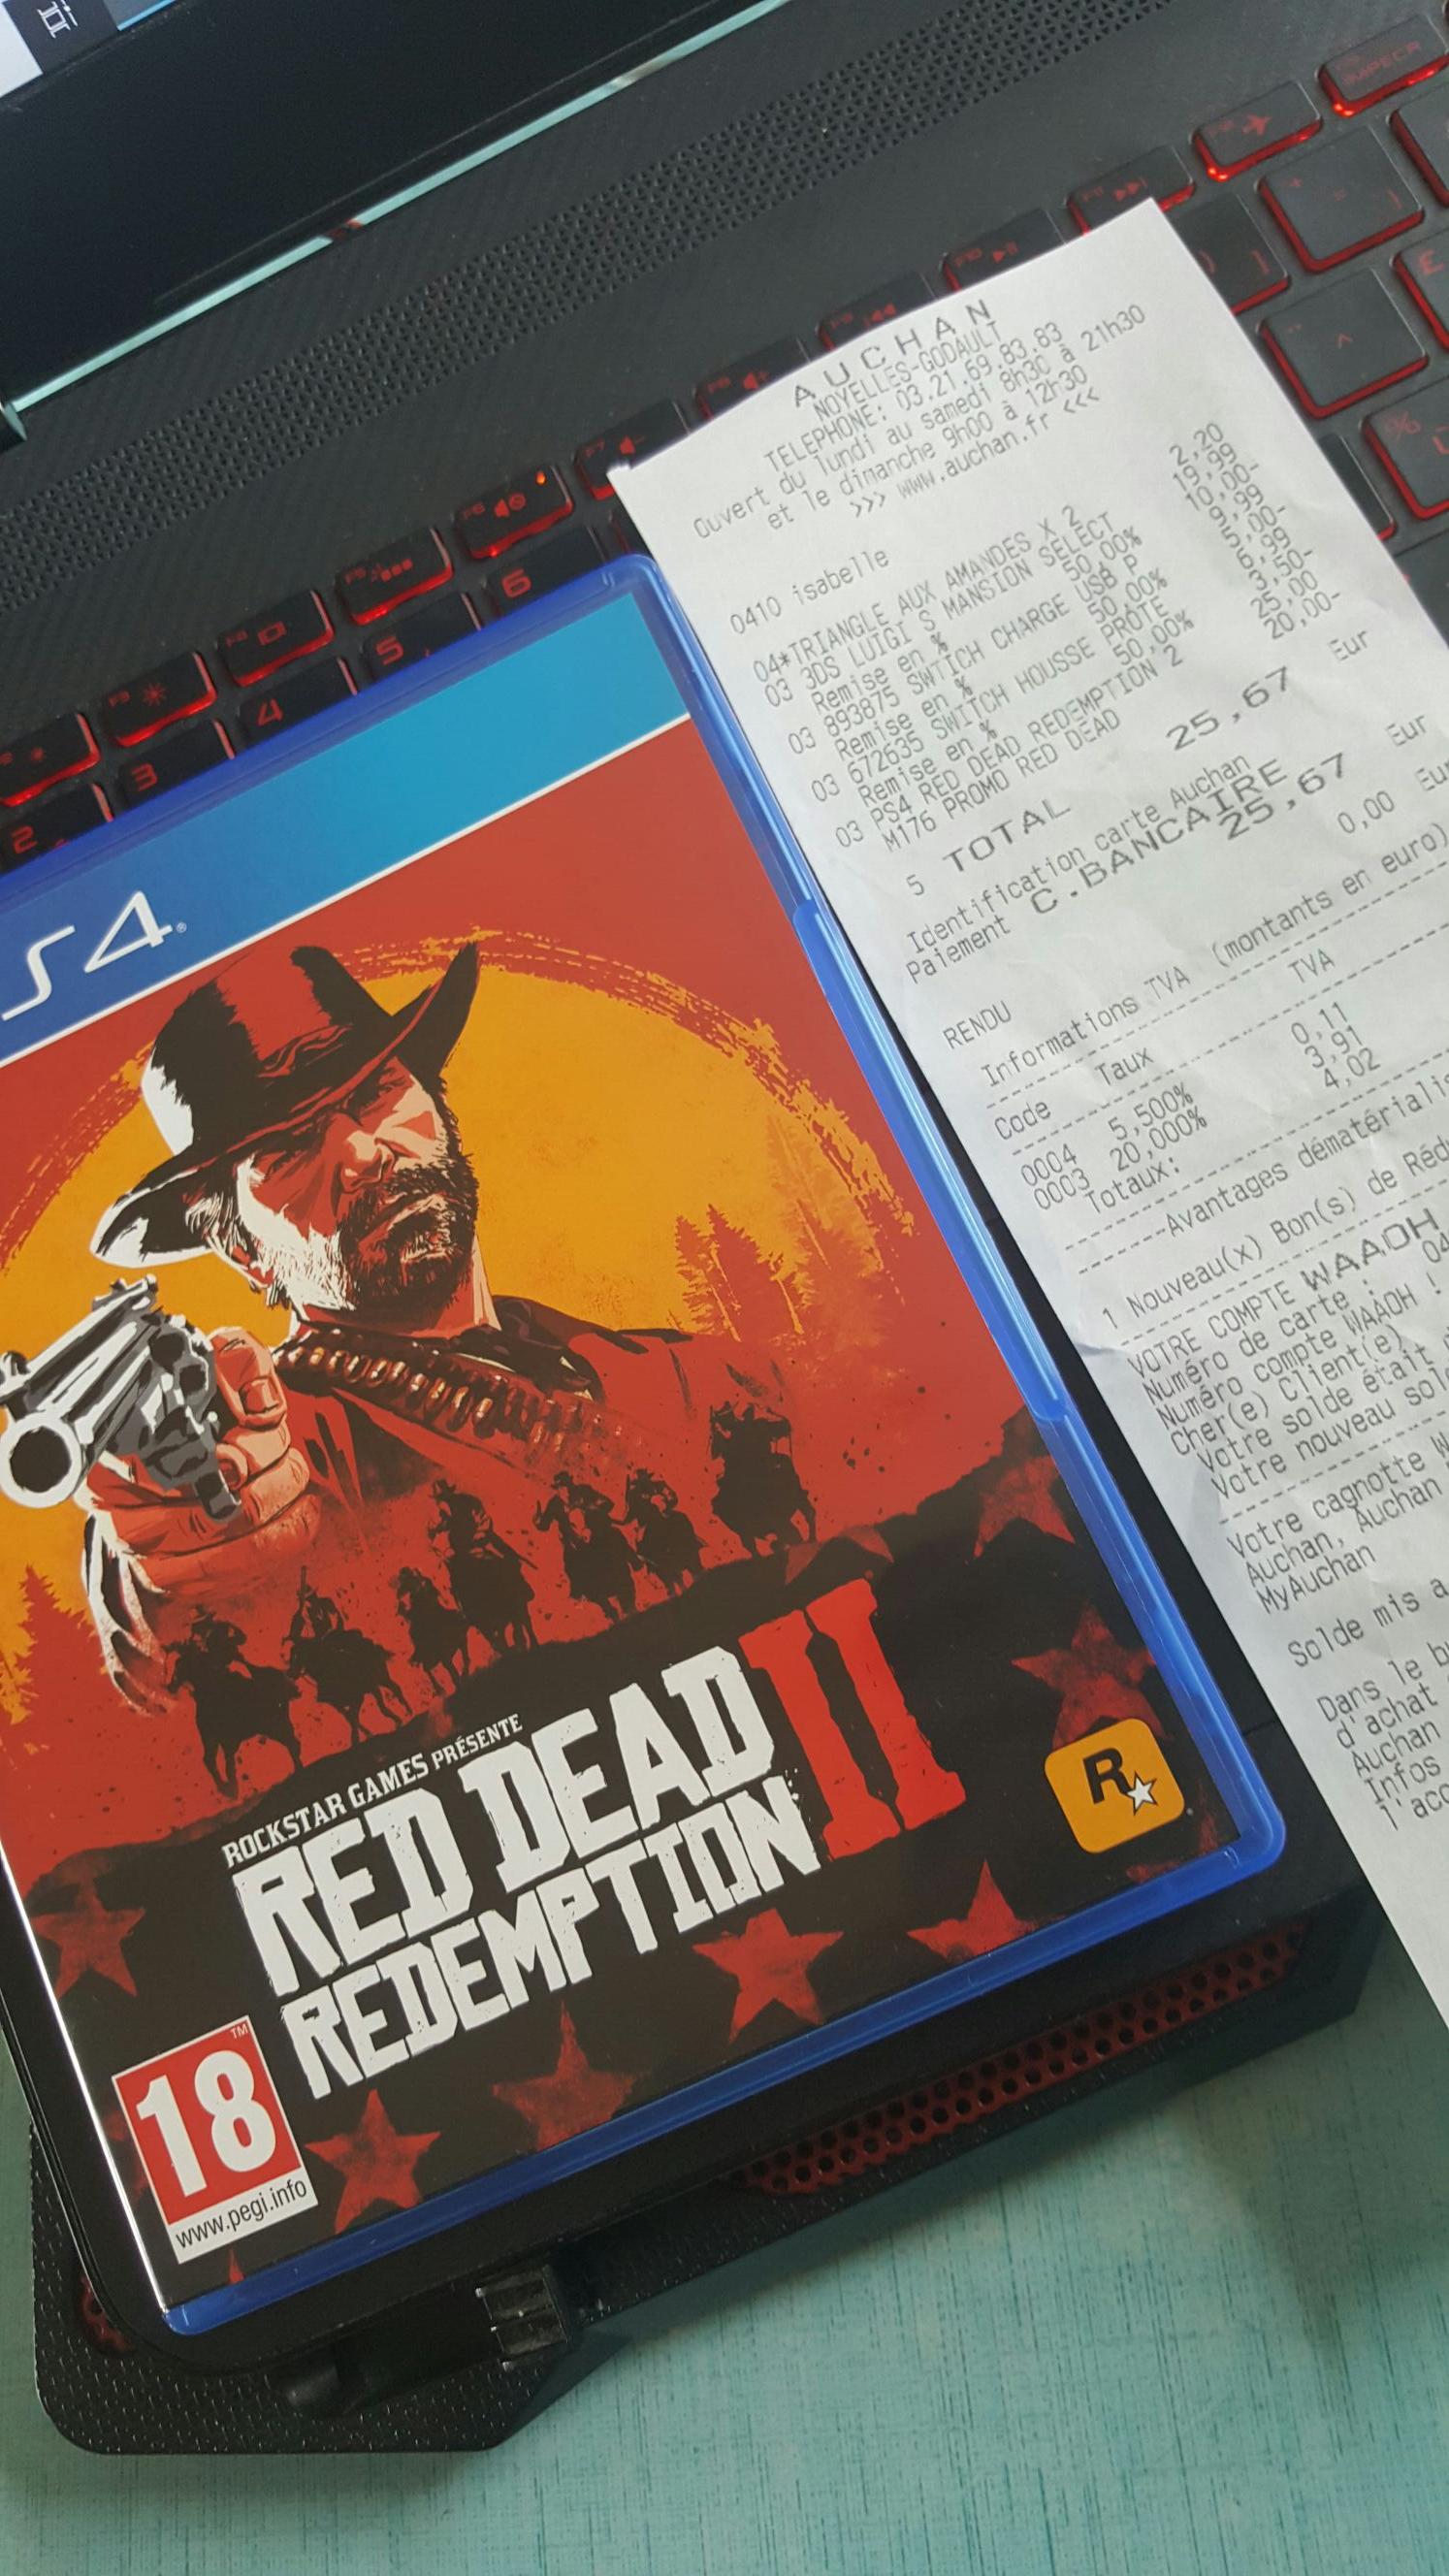 Jeu Red dead redemption 2 sur PS4 - Auchan Noyelles-Godault (62)